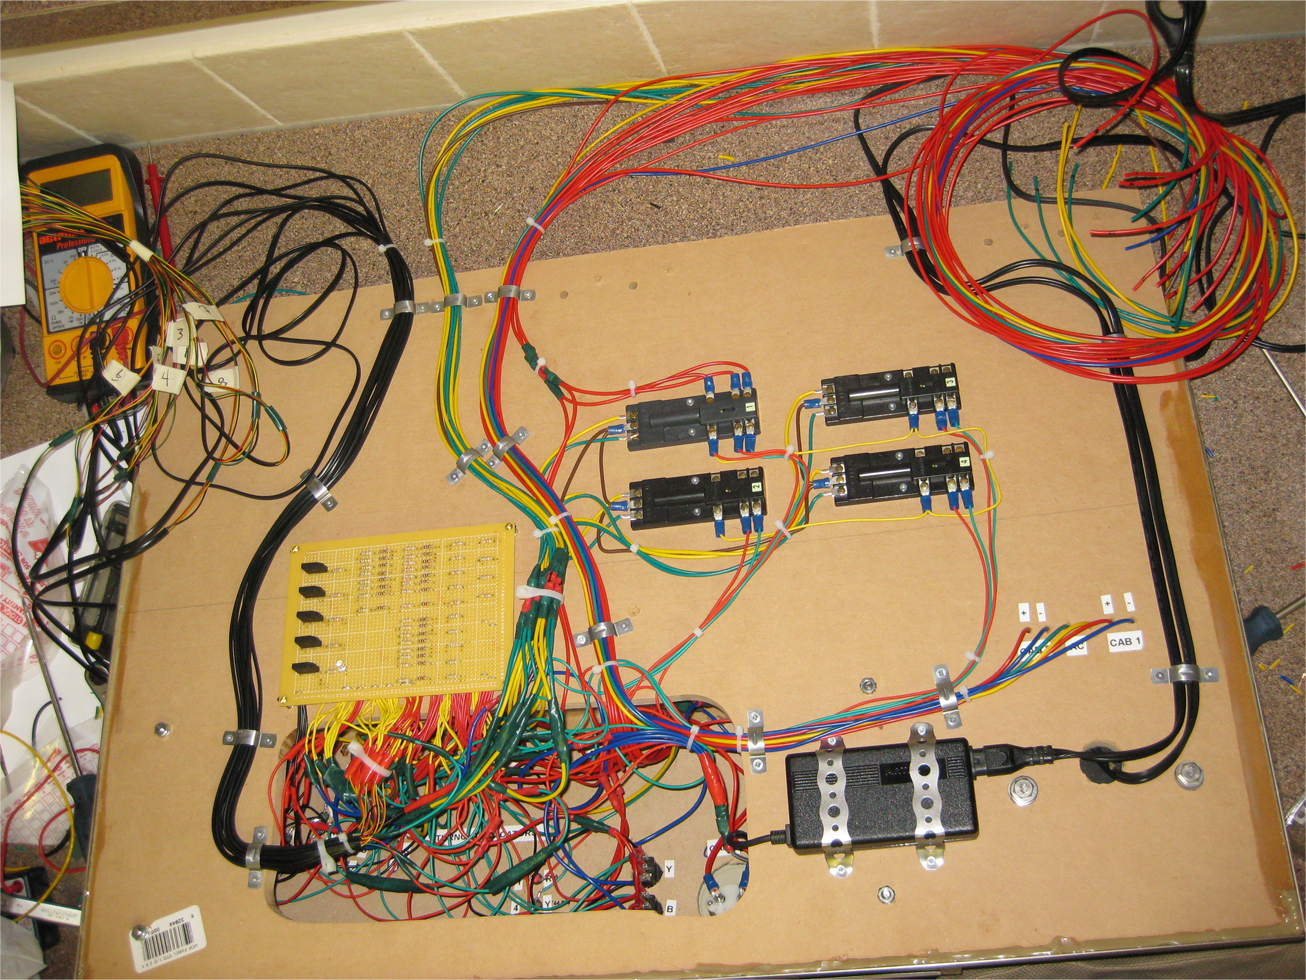 ho model train block wiring http tysmodelrailroad blogspot com 2011 [ 1306 x 980 Pixel ]